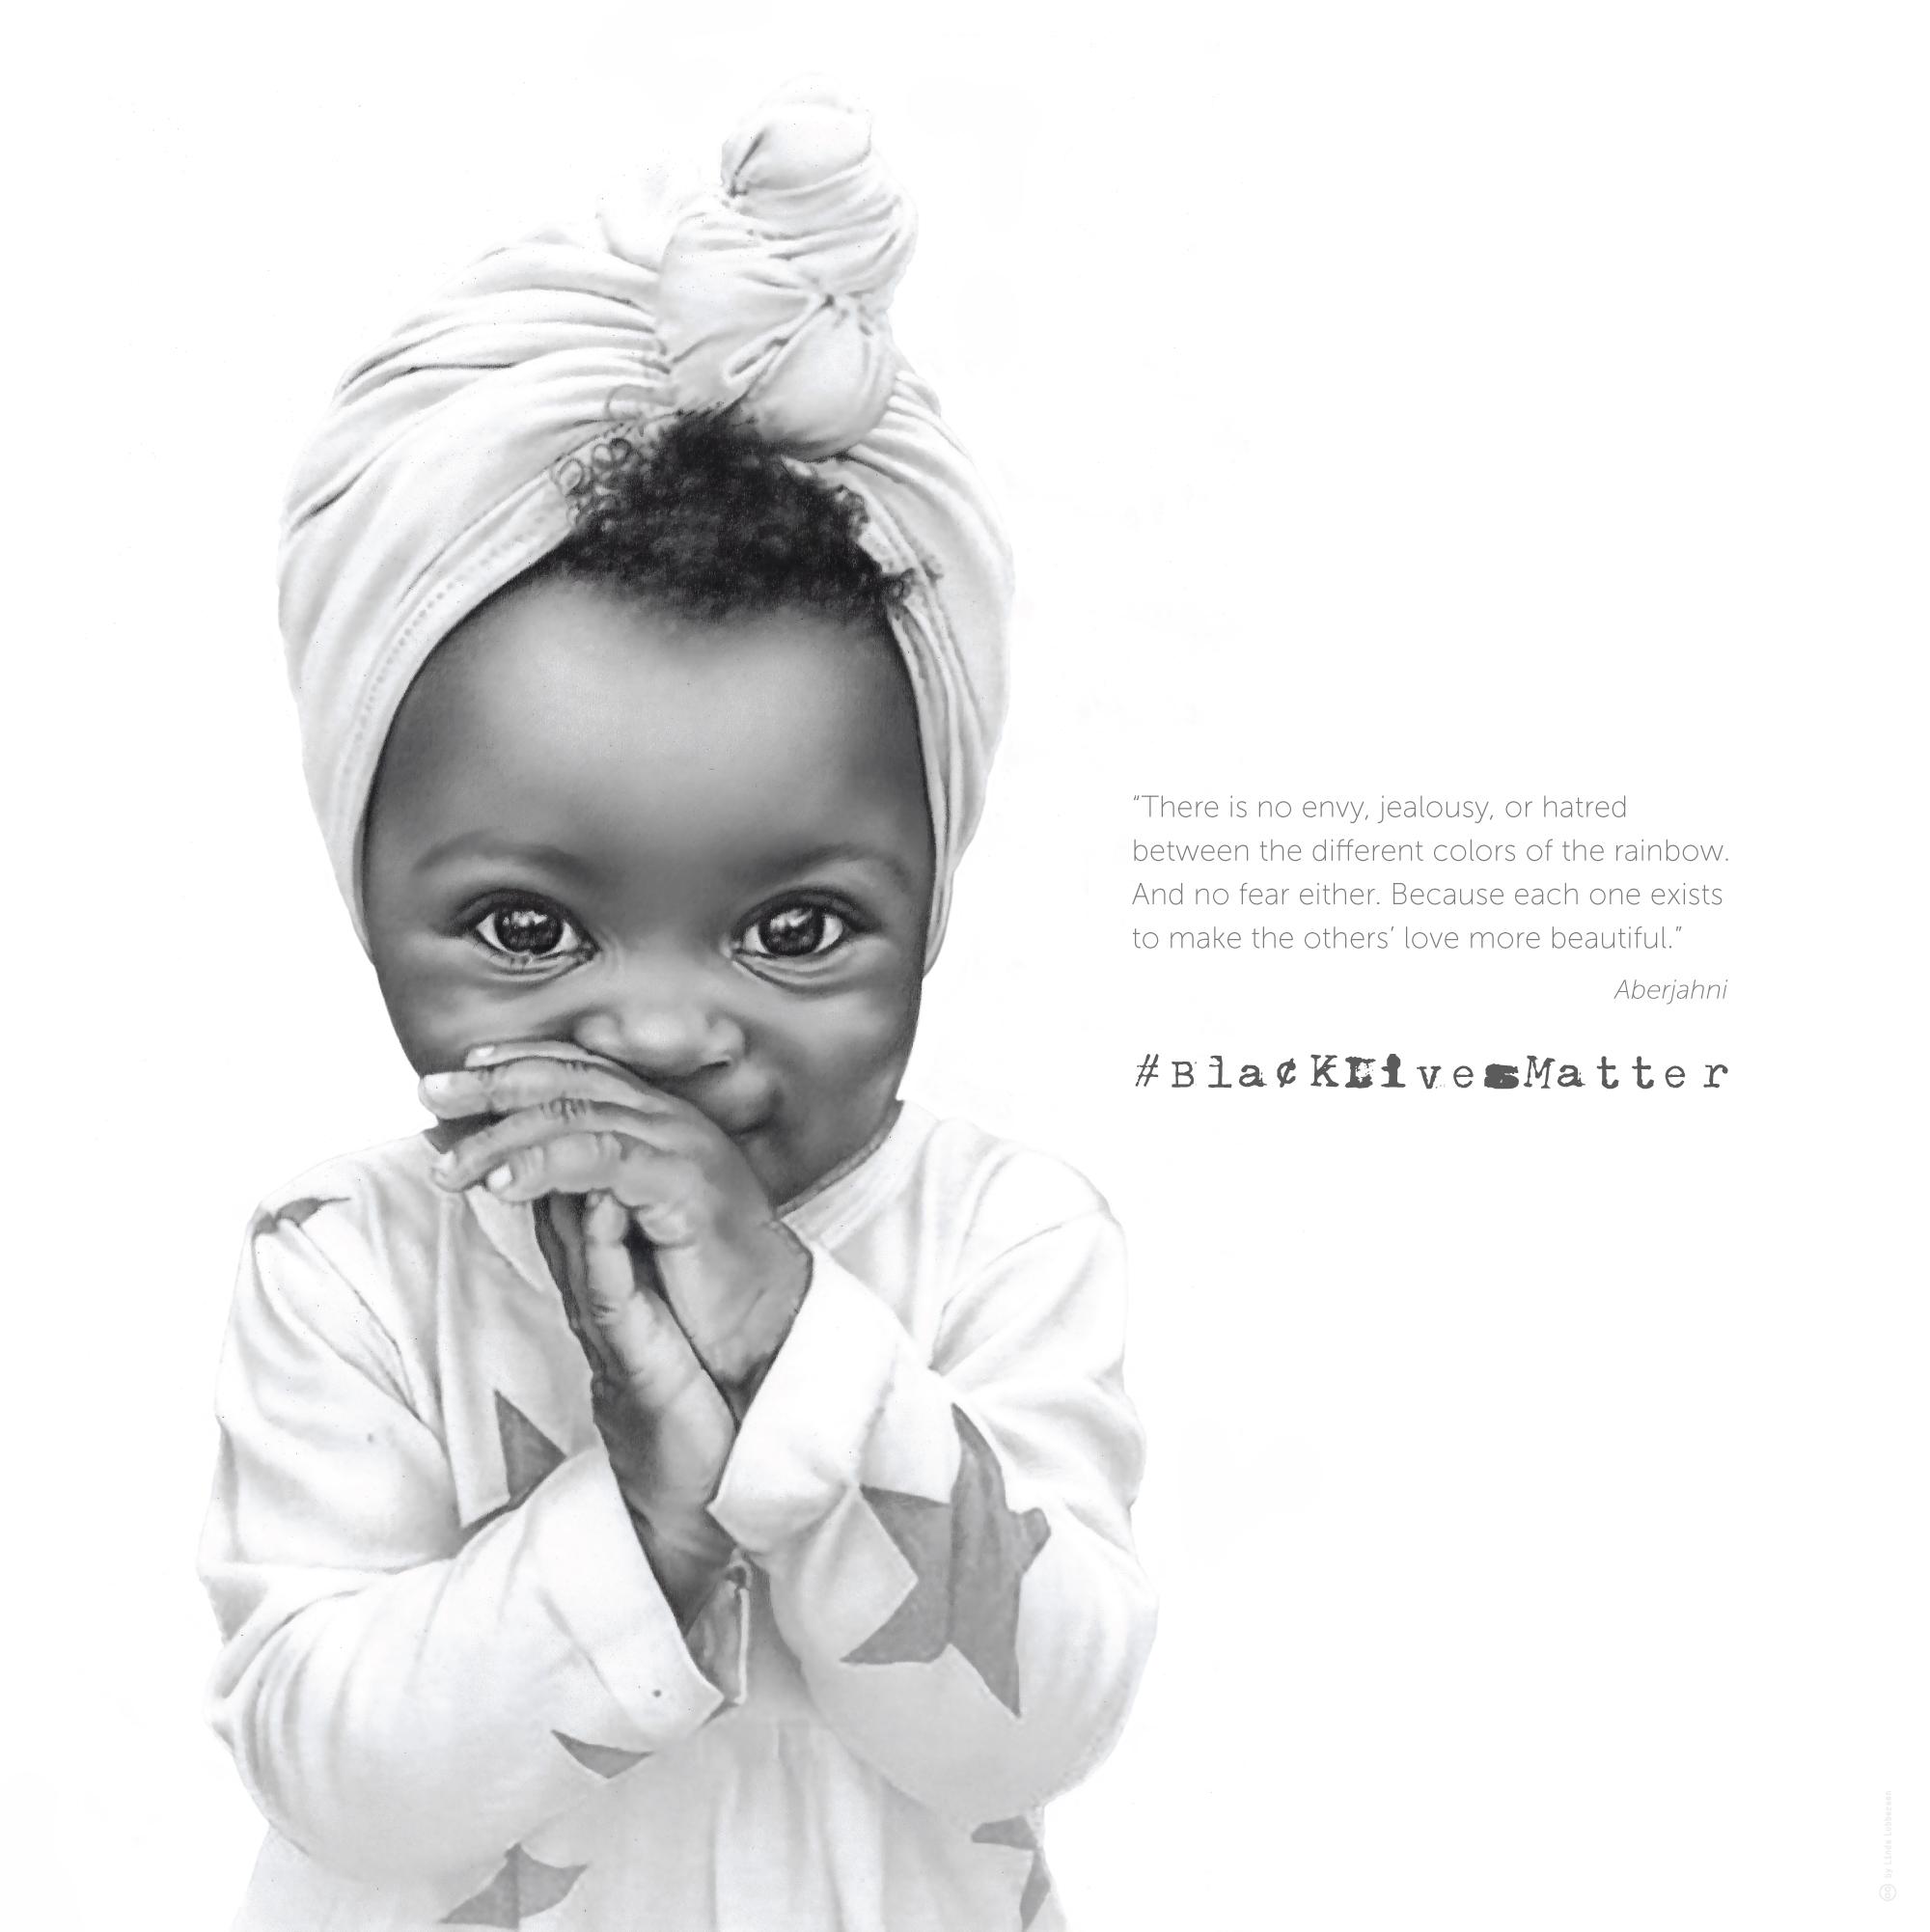 black_lives_matter_3